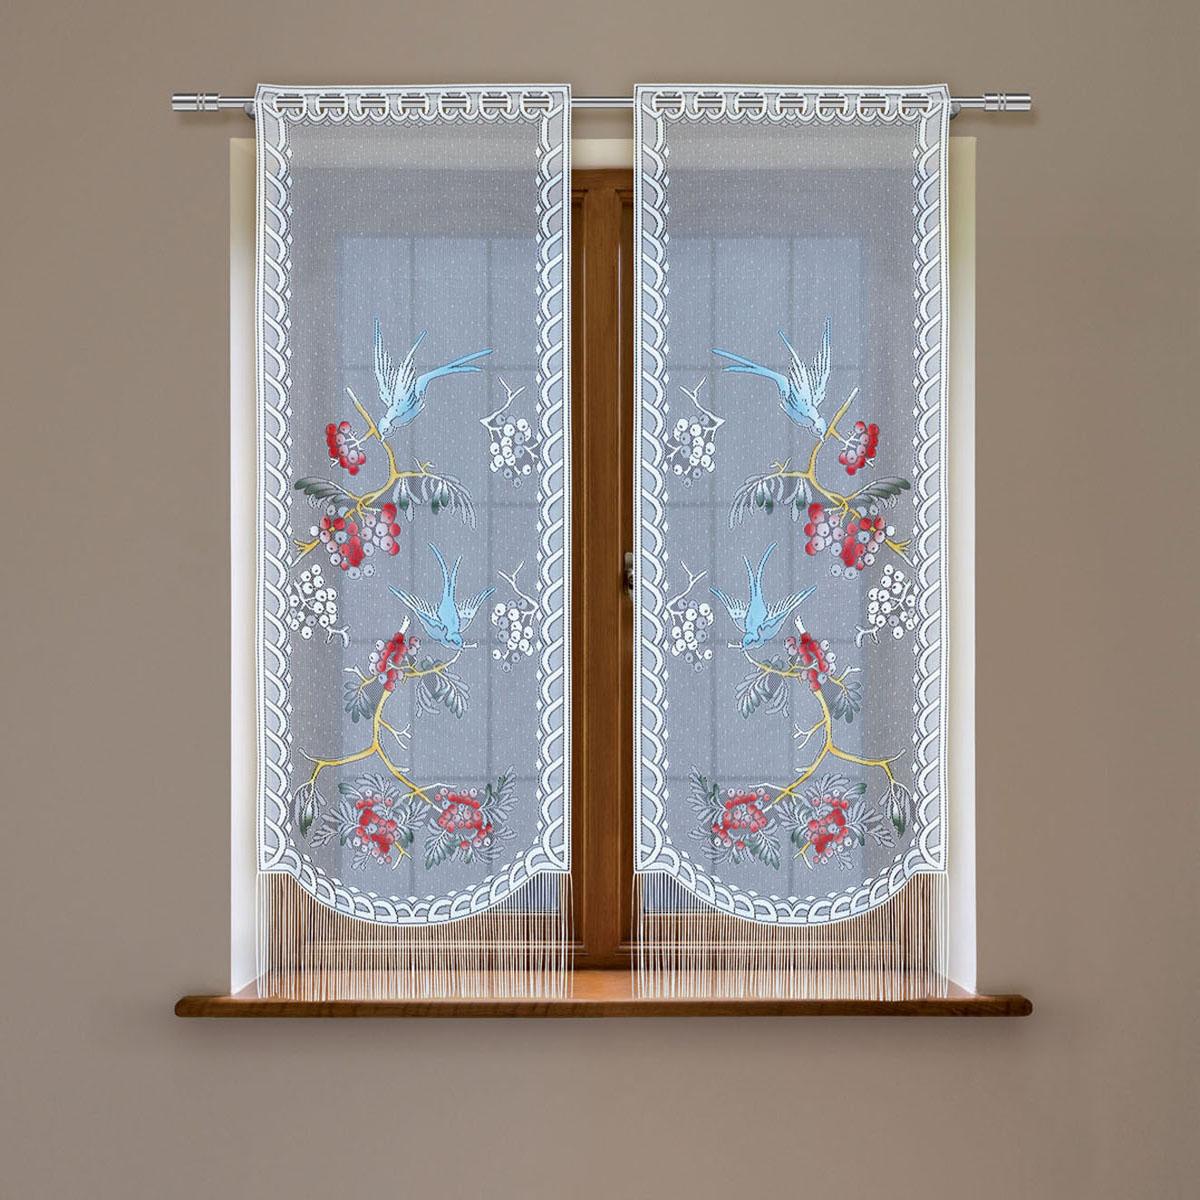 Комплект гардин Haft, на петлях, цвет: белый, высота 160 см, 2 шт. 5383С haft 221074 120